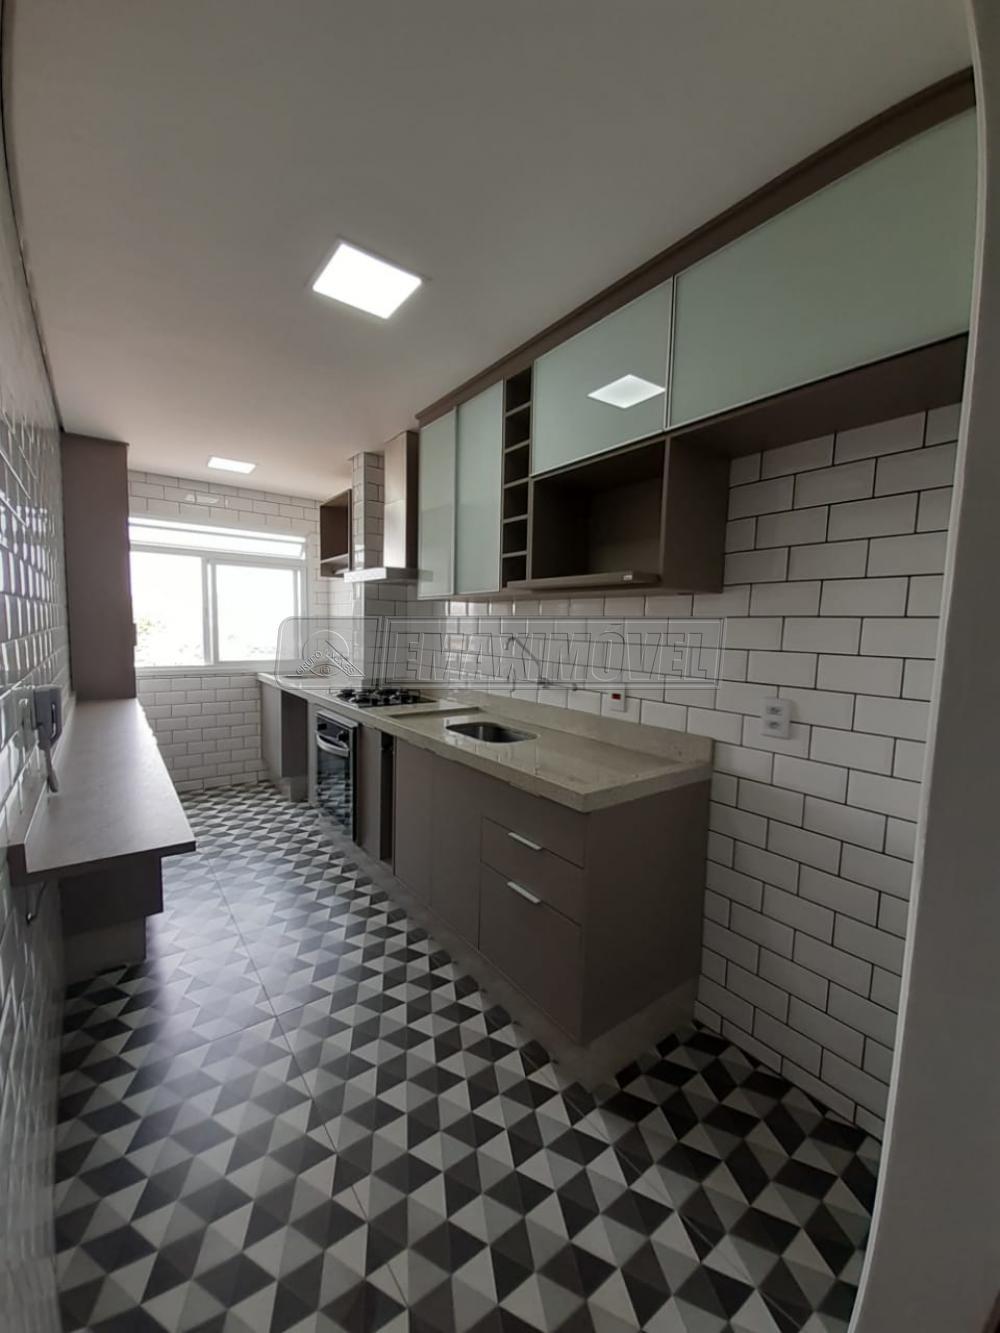 Alugar Apartamentos / Apto Padrão em Sorocaba apenas R$ 1.500,00 - Foto 9